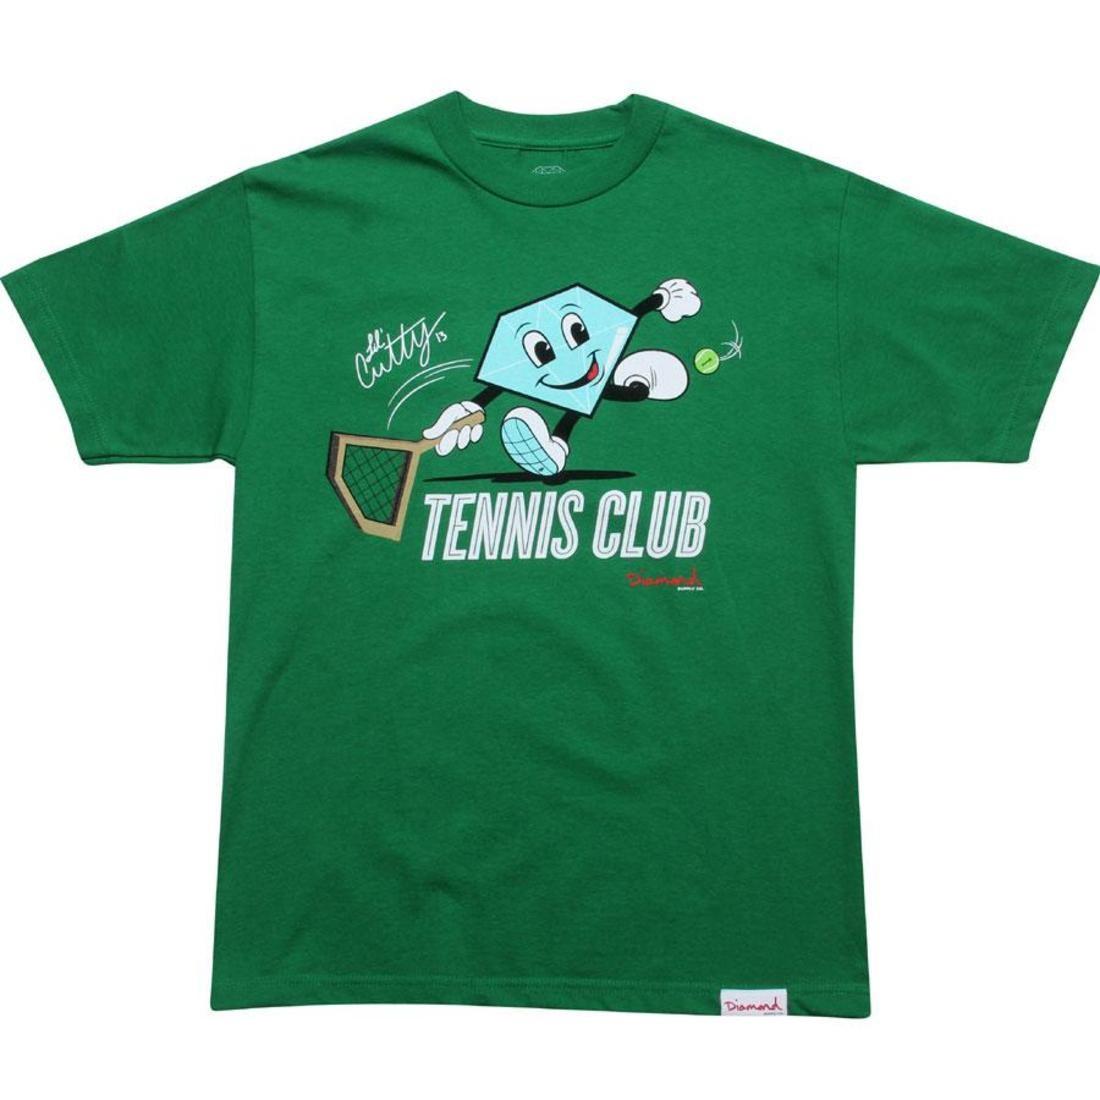 【海外限定】ダイヤモンド サプライ テニス クラブ Tシャツ LIL' メンズファッション 【 SUPPLY DIAMOND CO CUTTY TENNIS CLUB TEE KELLY 】